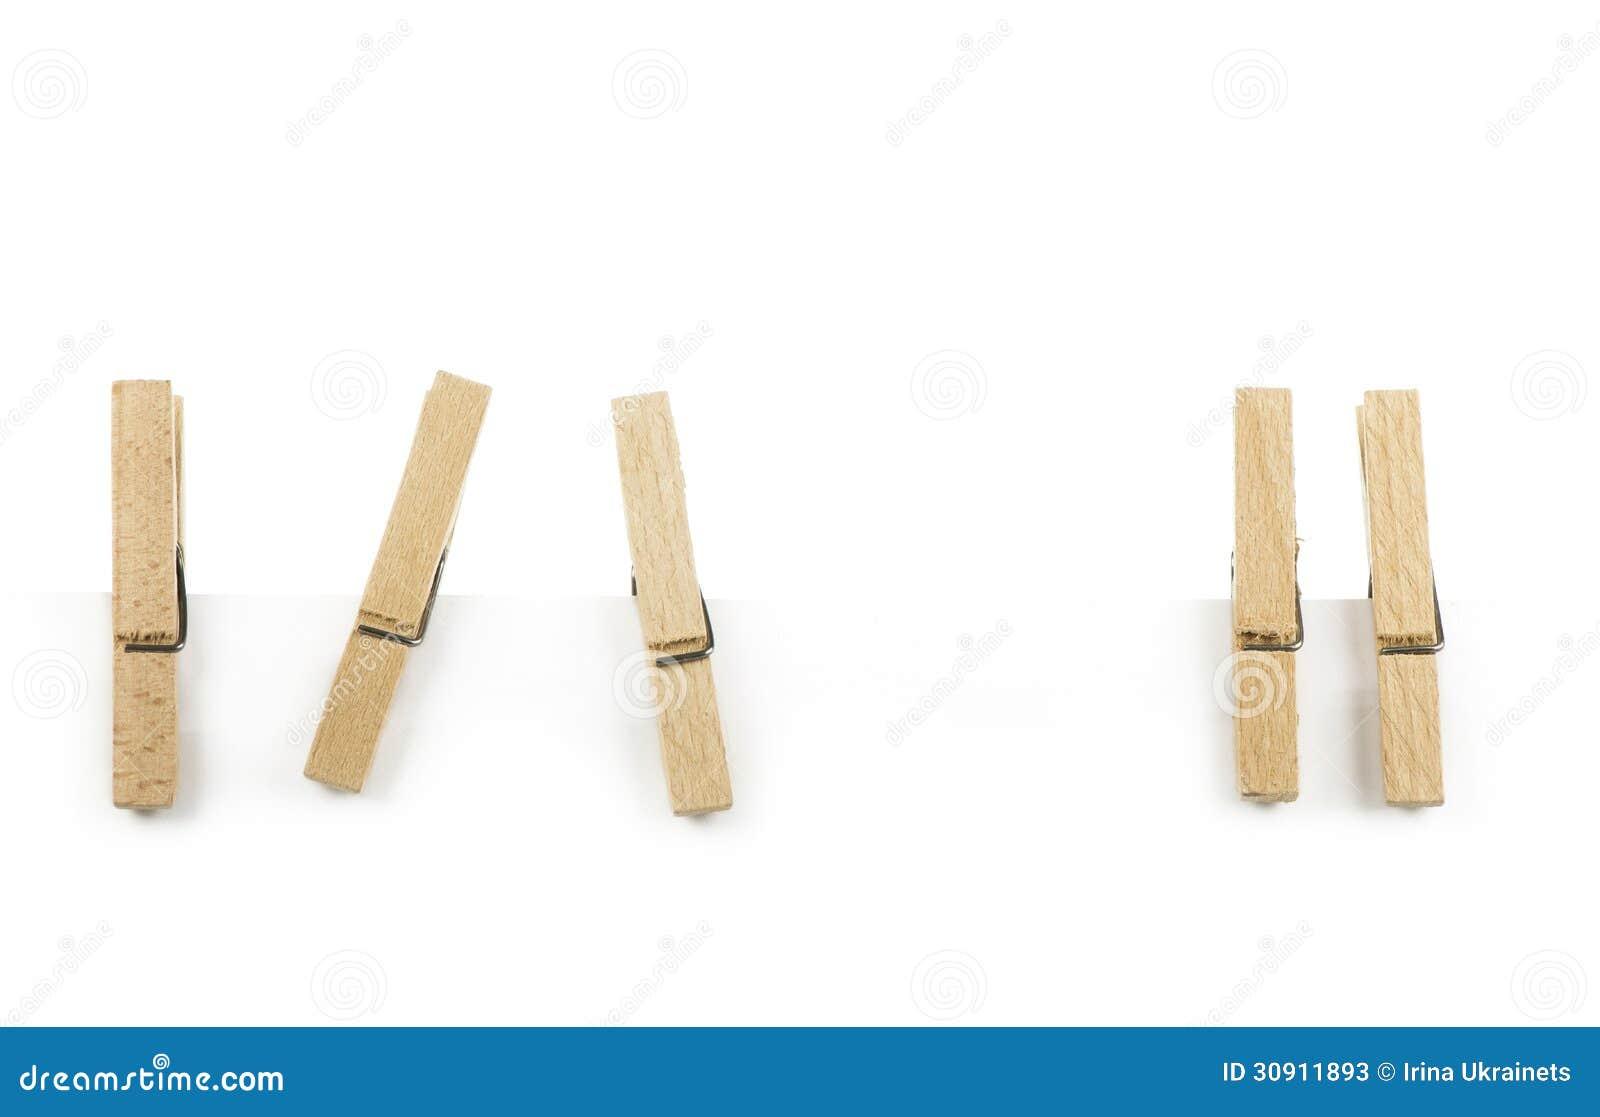 Popolare Molletta Da Bucato Di Legno Immagine Stock - Immagine: 30911893 IS77